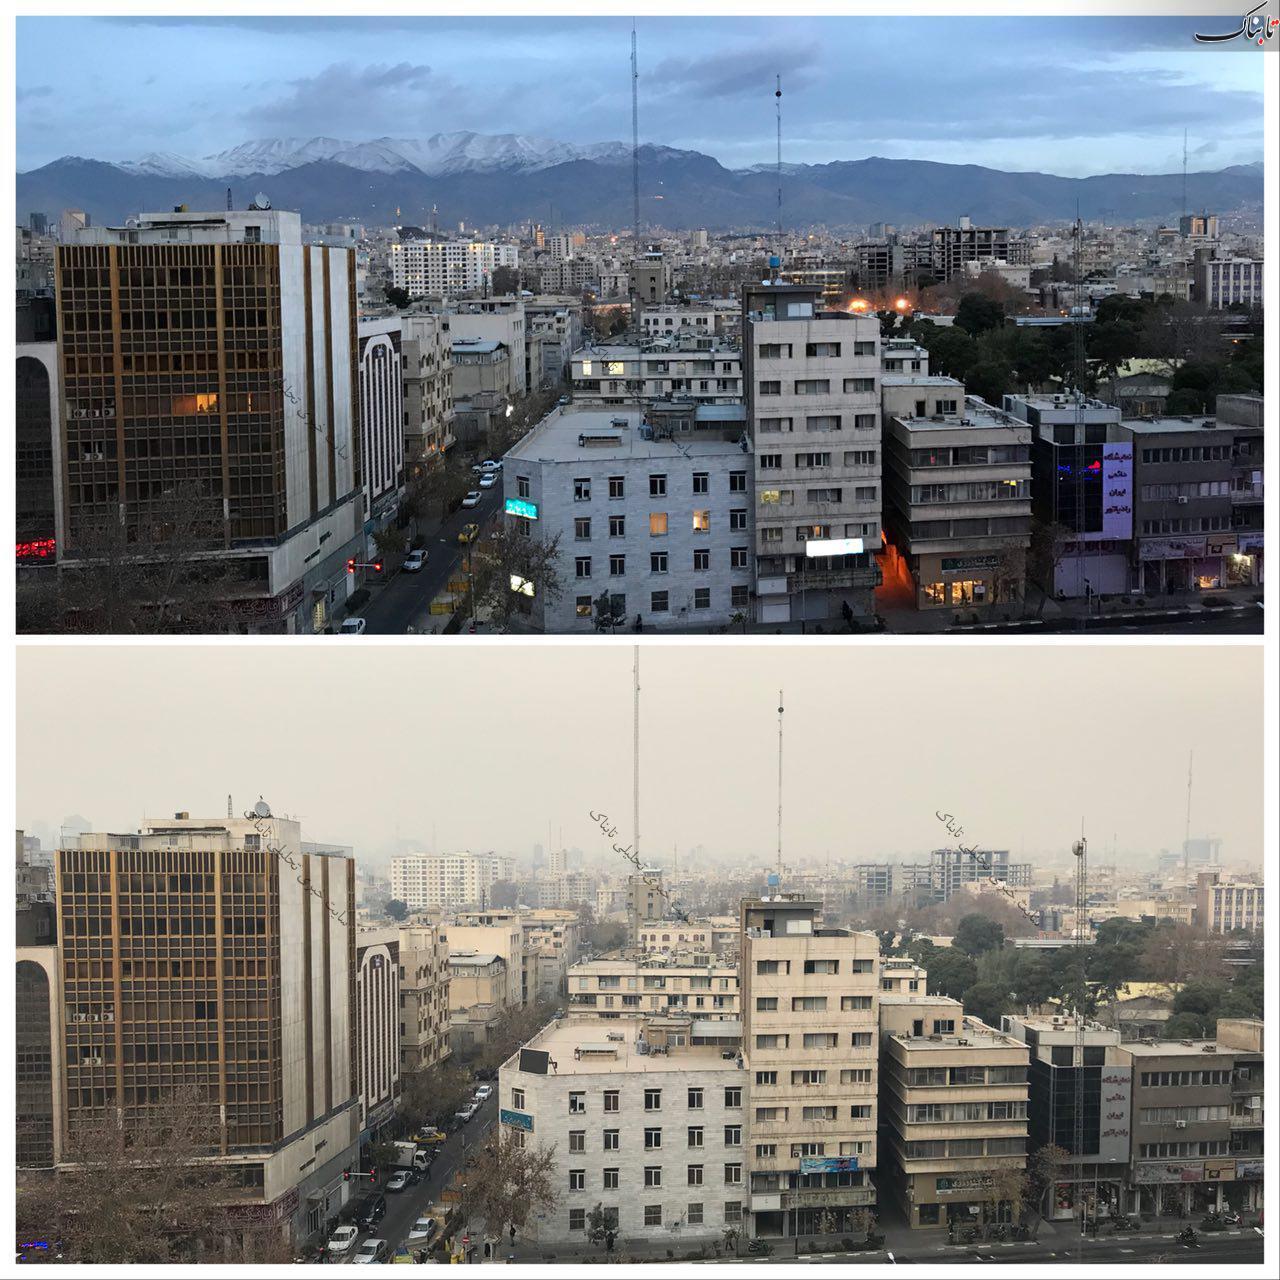 تفاوت هوای تهران چهارشنبه پیش با امروز صبح